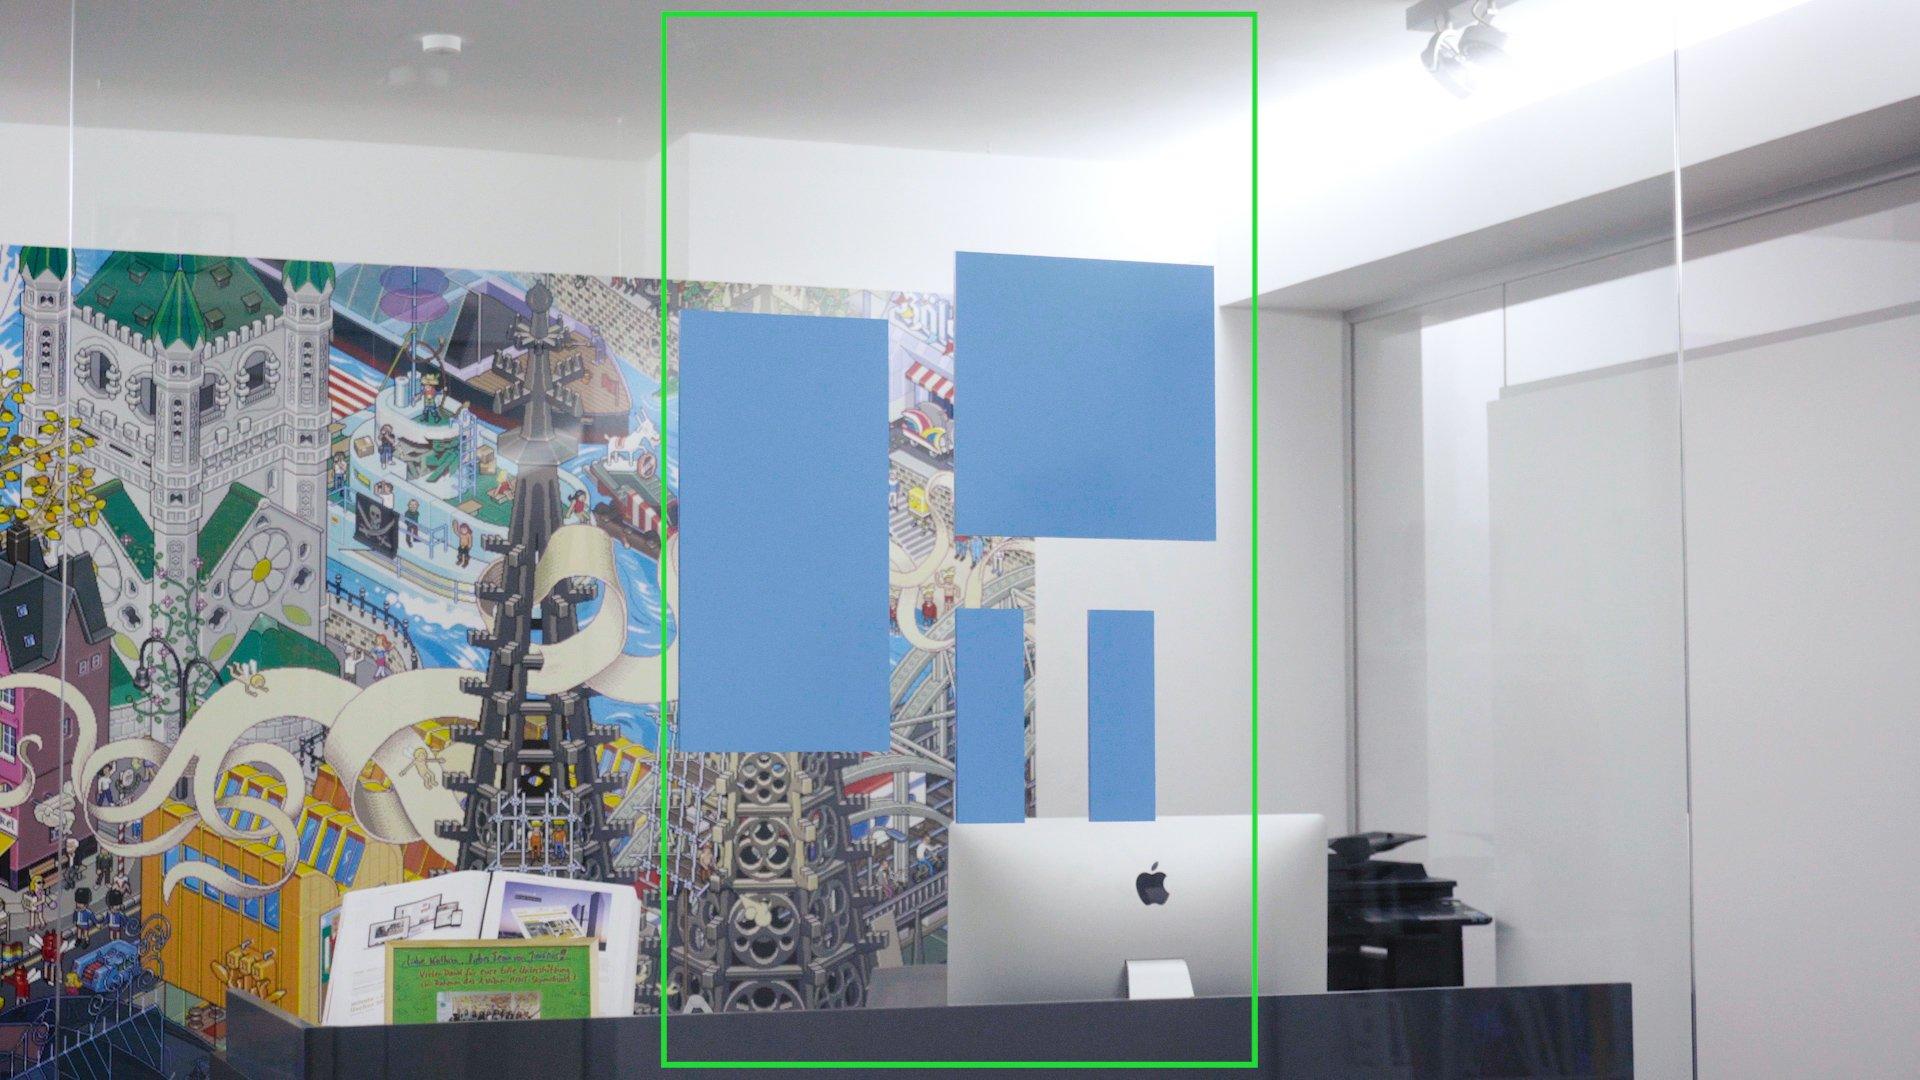 Frame Lines auf einem Kamerabild beim Dreh